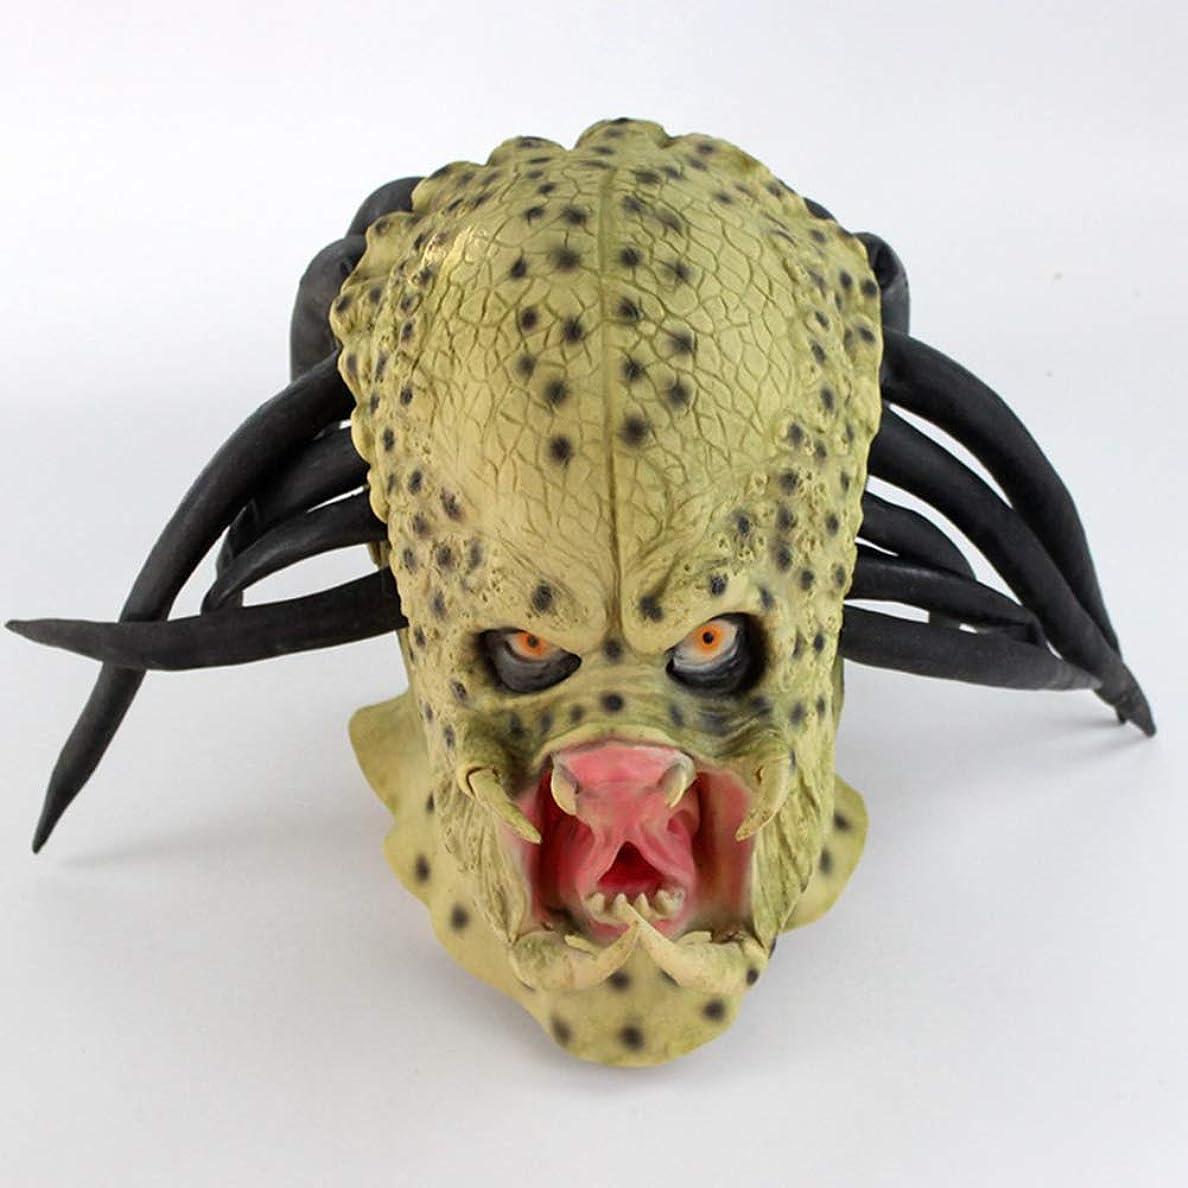 それる求人絶対のハロウィーンホラーマスク、ギザギザの戦士マスク、創造的な Vizard マスク、パーティー仮装マスク